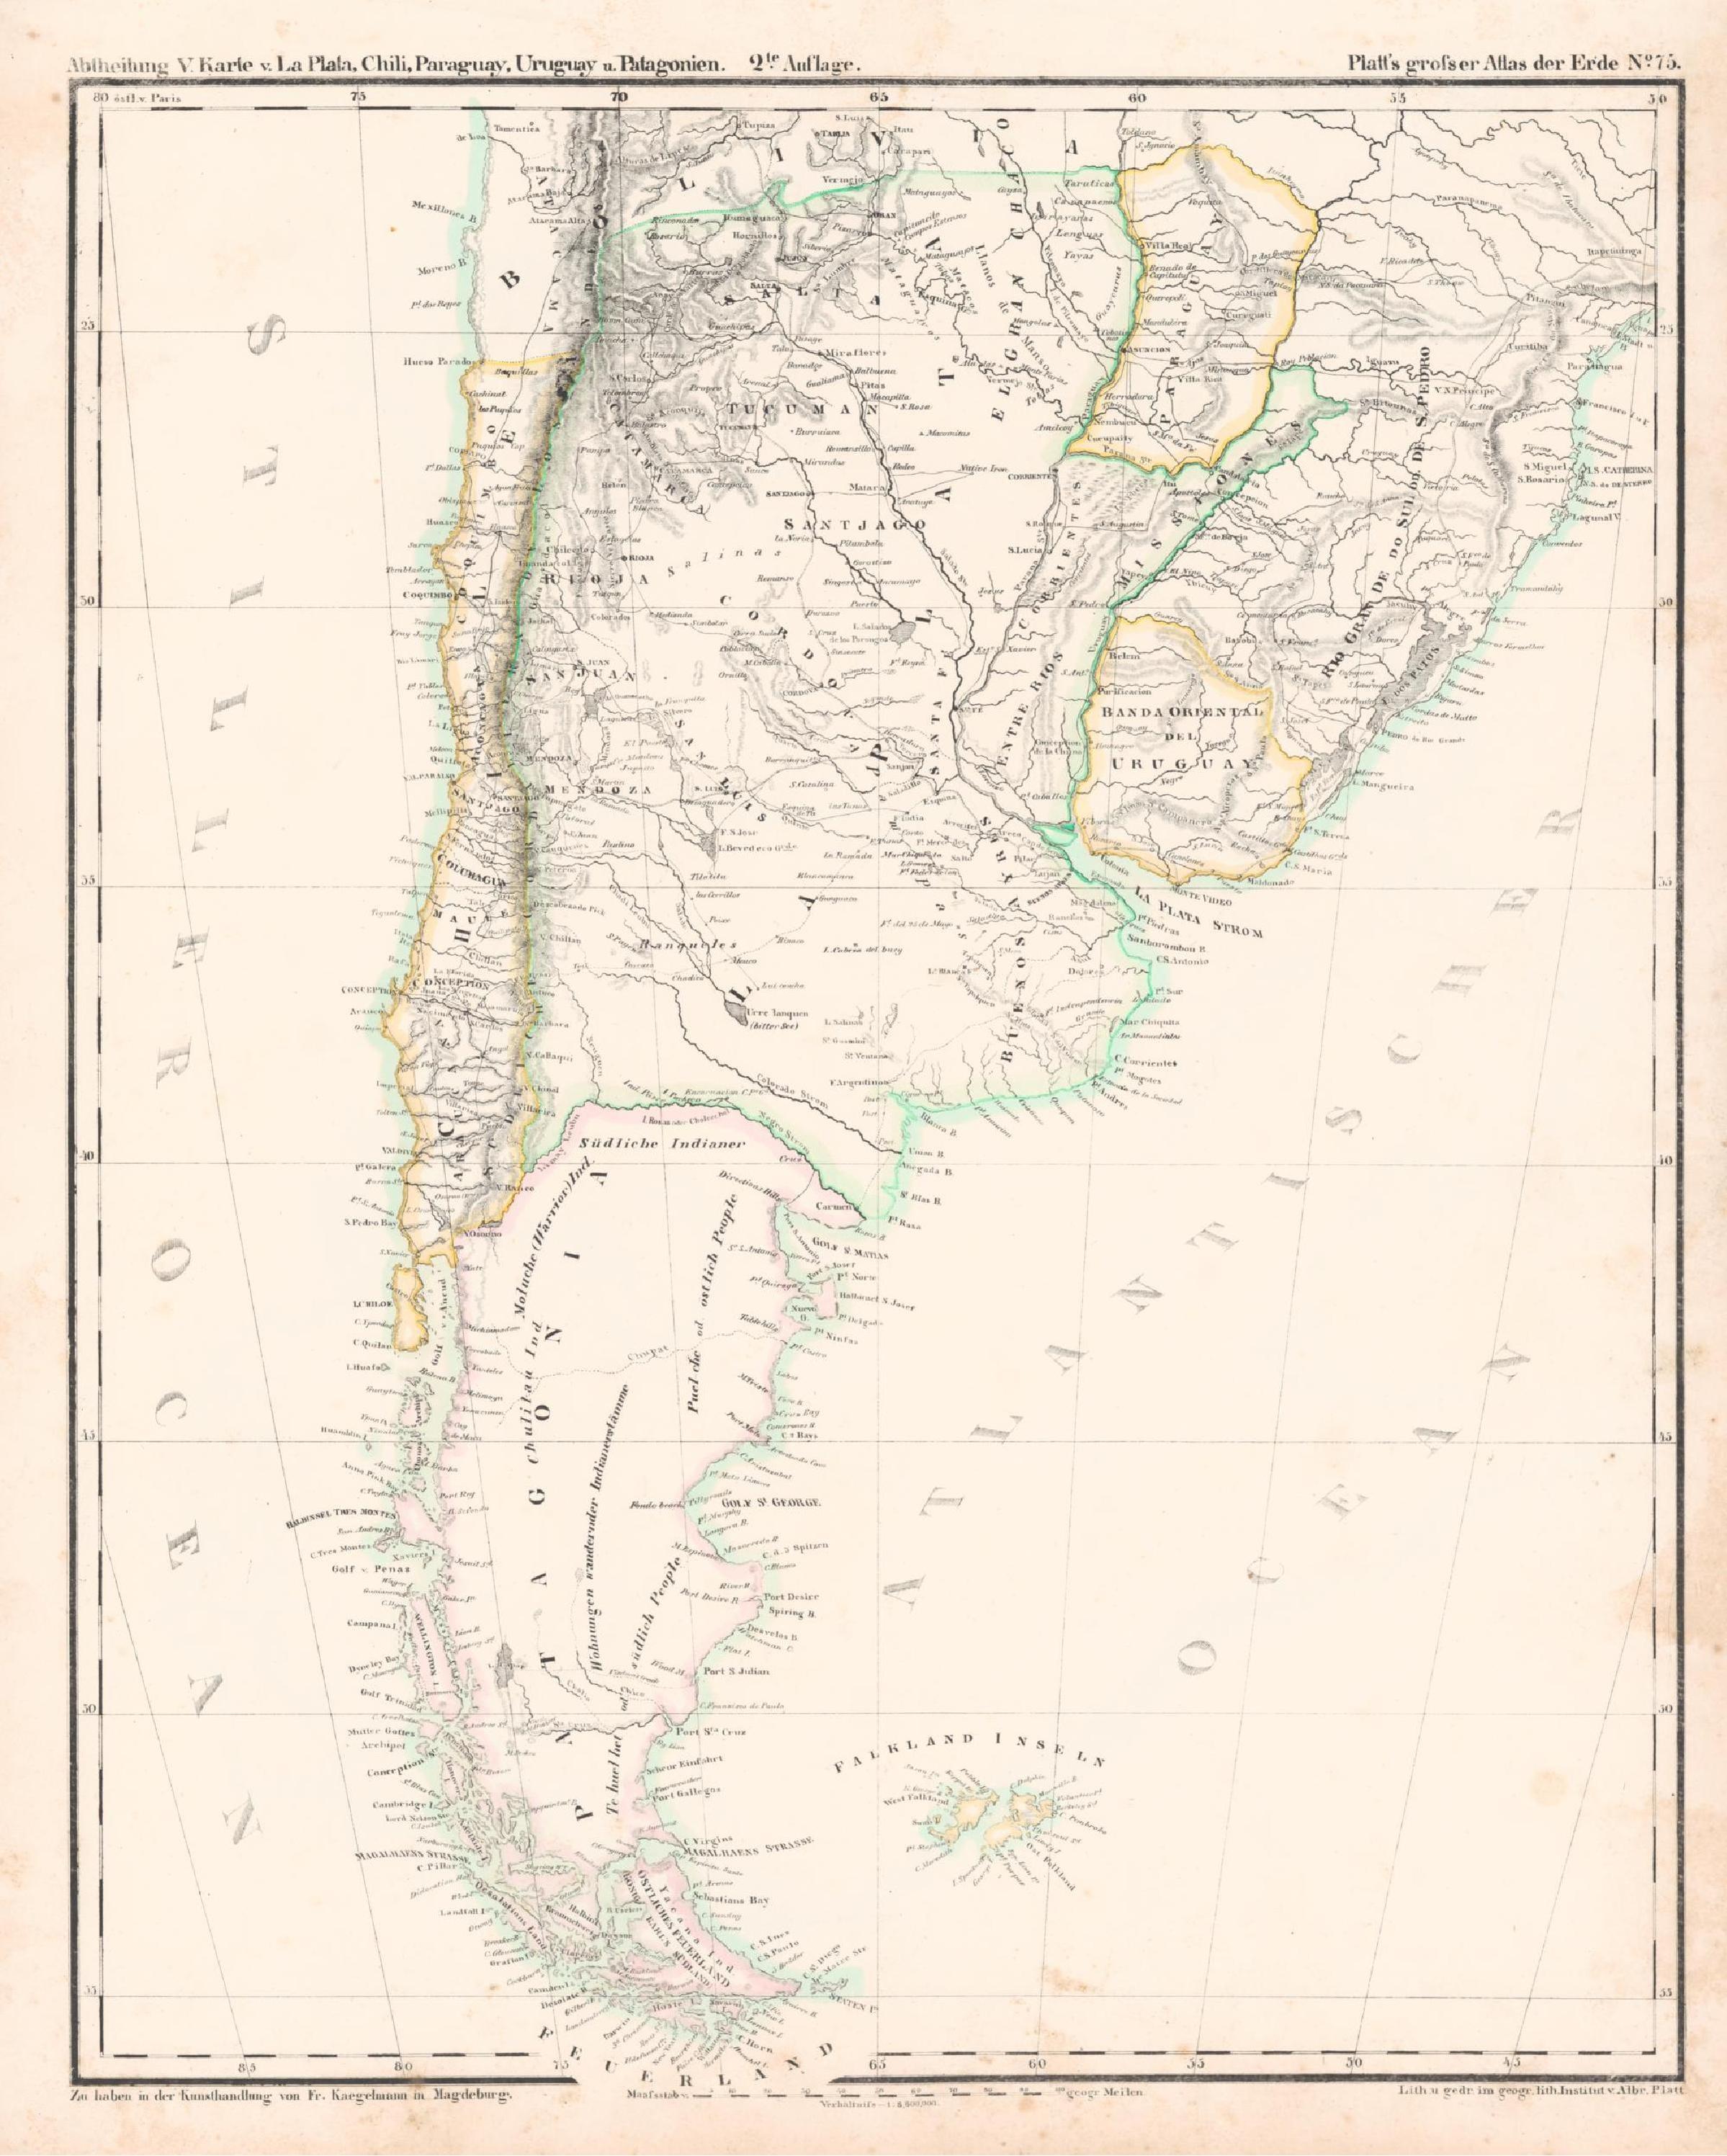 File Karte Von La Plata Chili Paraguay Uruguay Und Patagonien